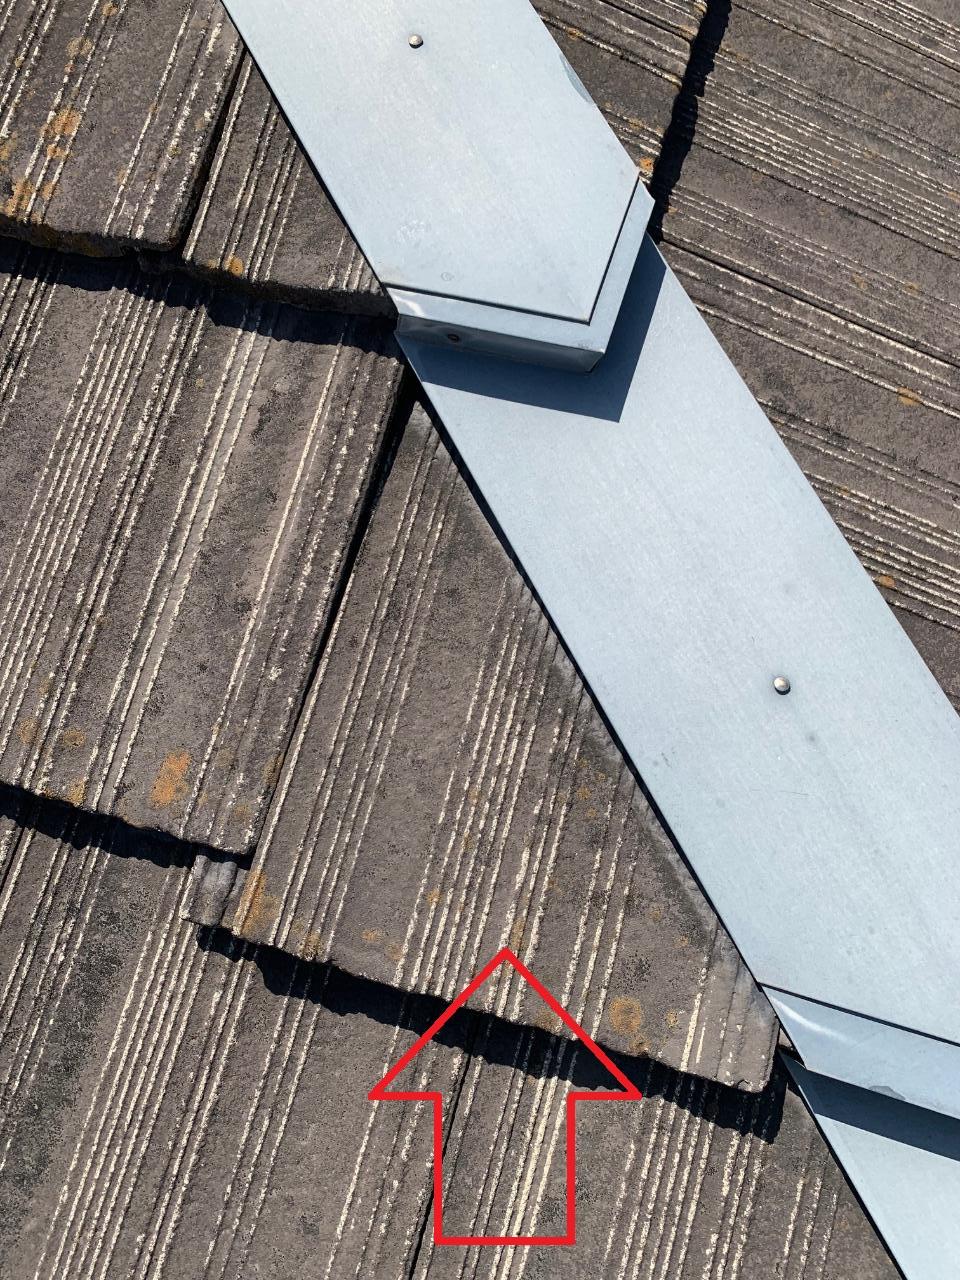 瓦屋根修理で見つけたズレている瓦屋根